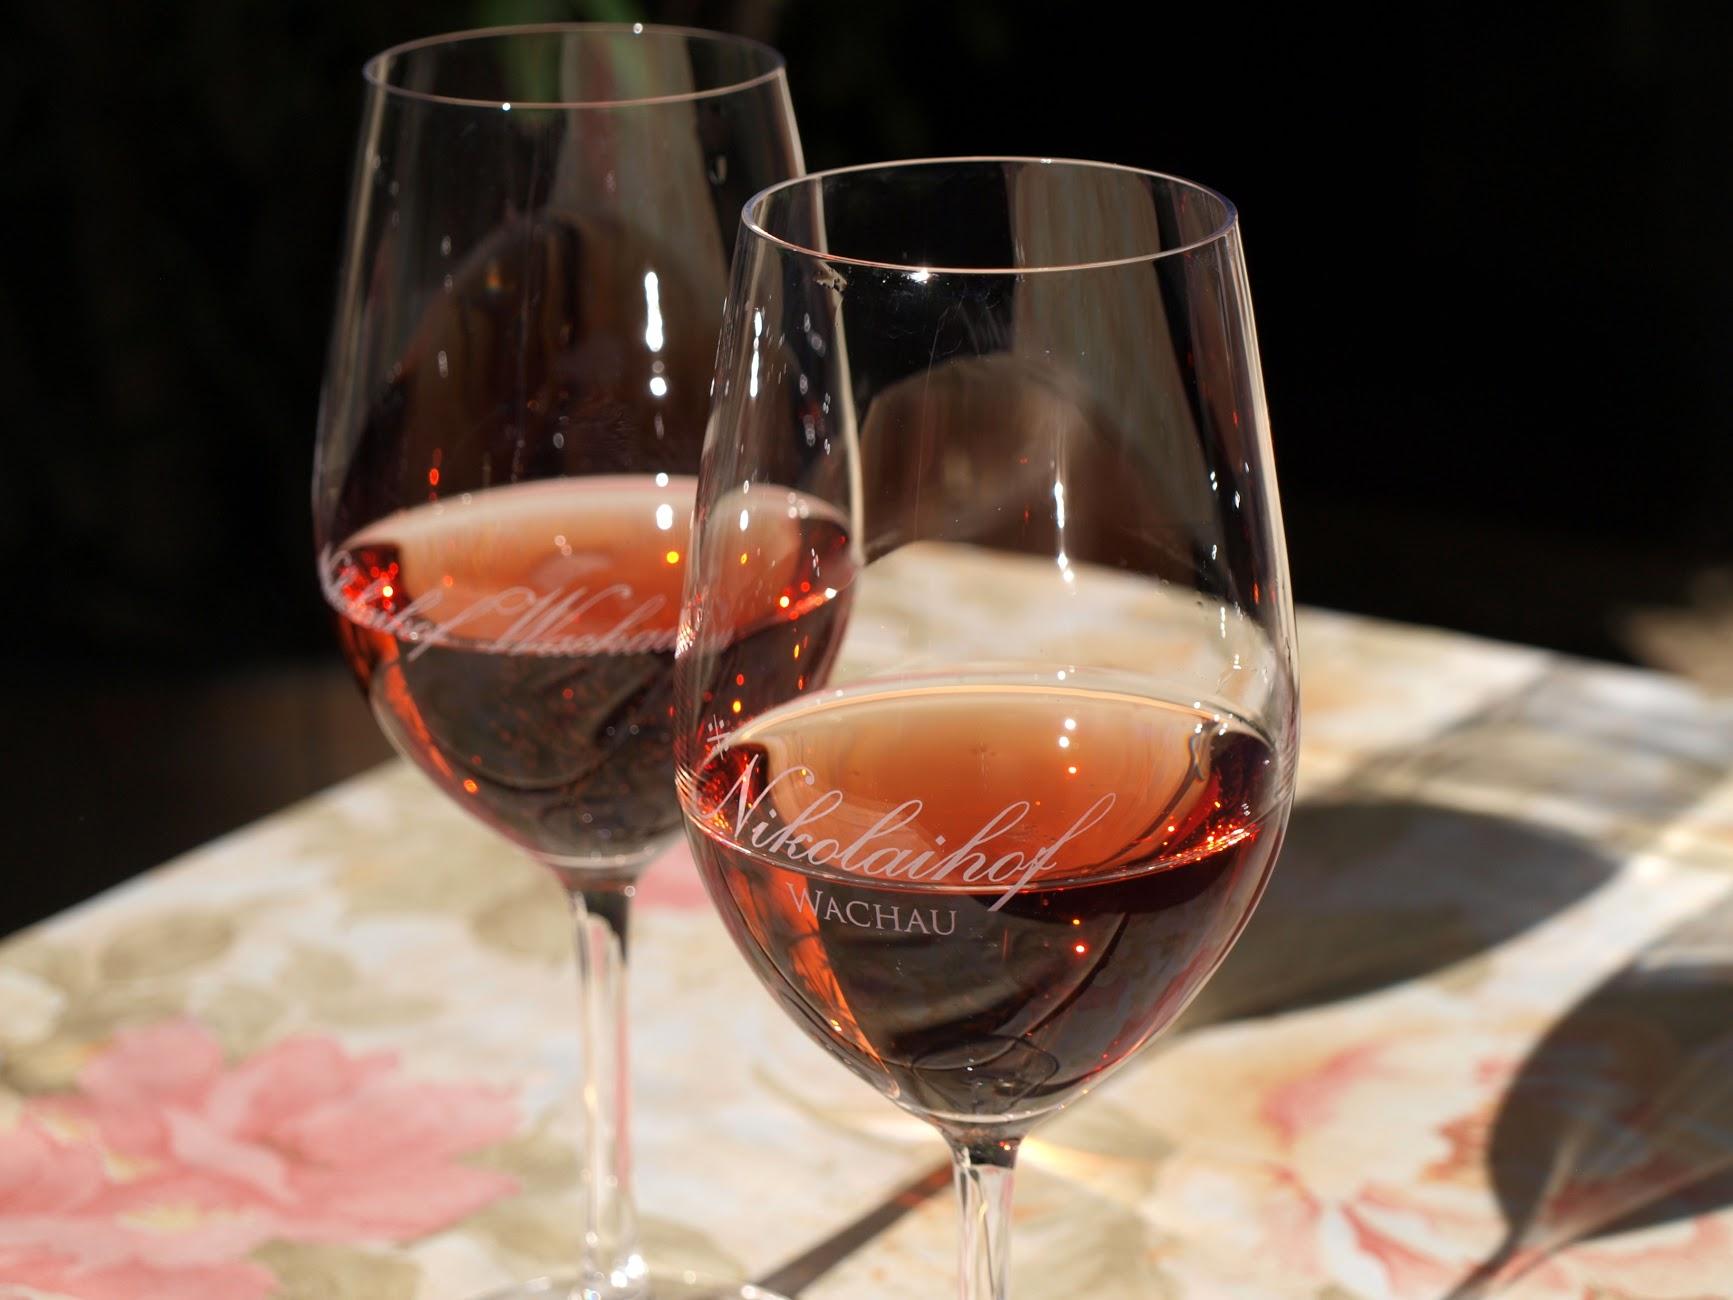 At the Nicolaihof Winery